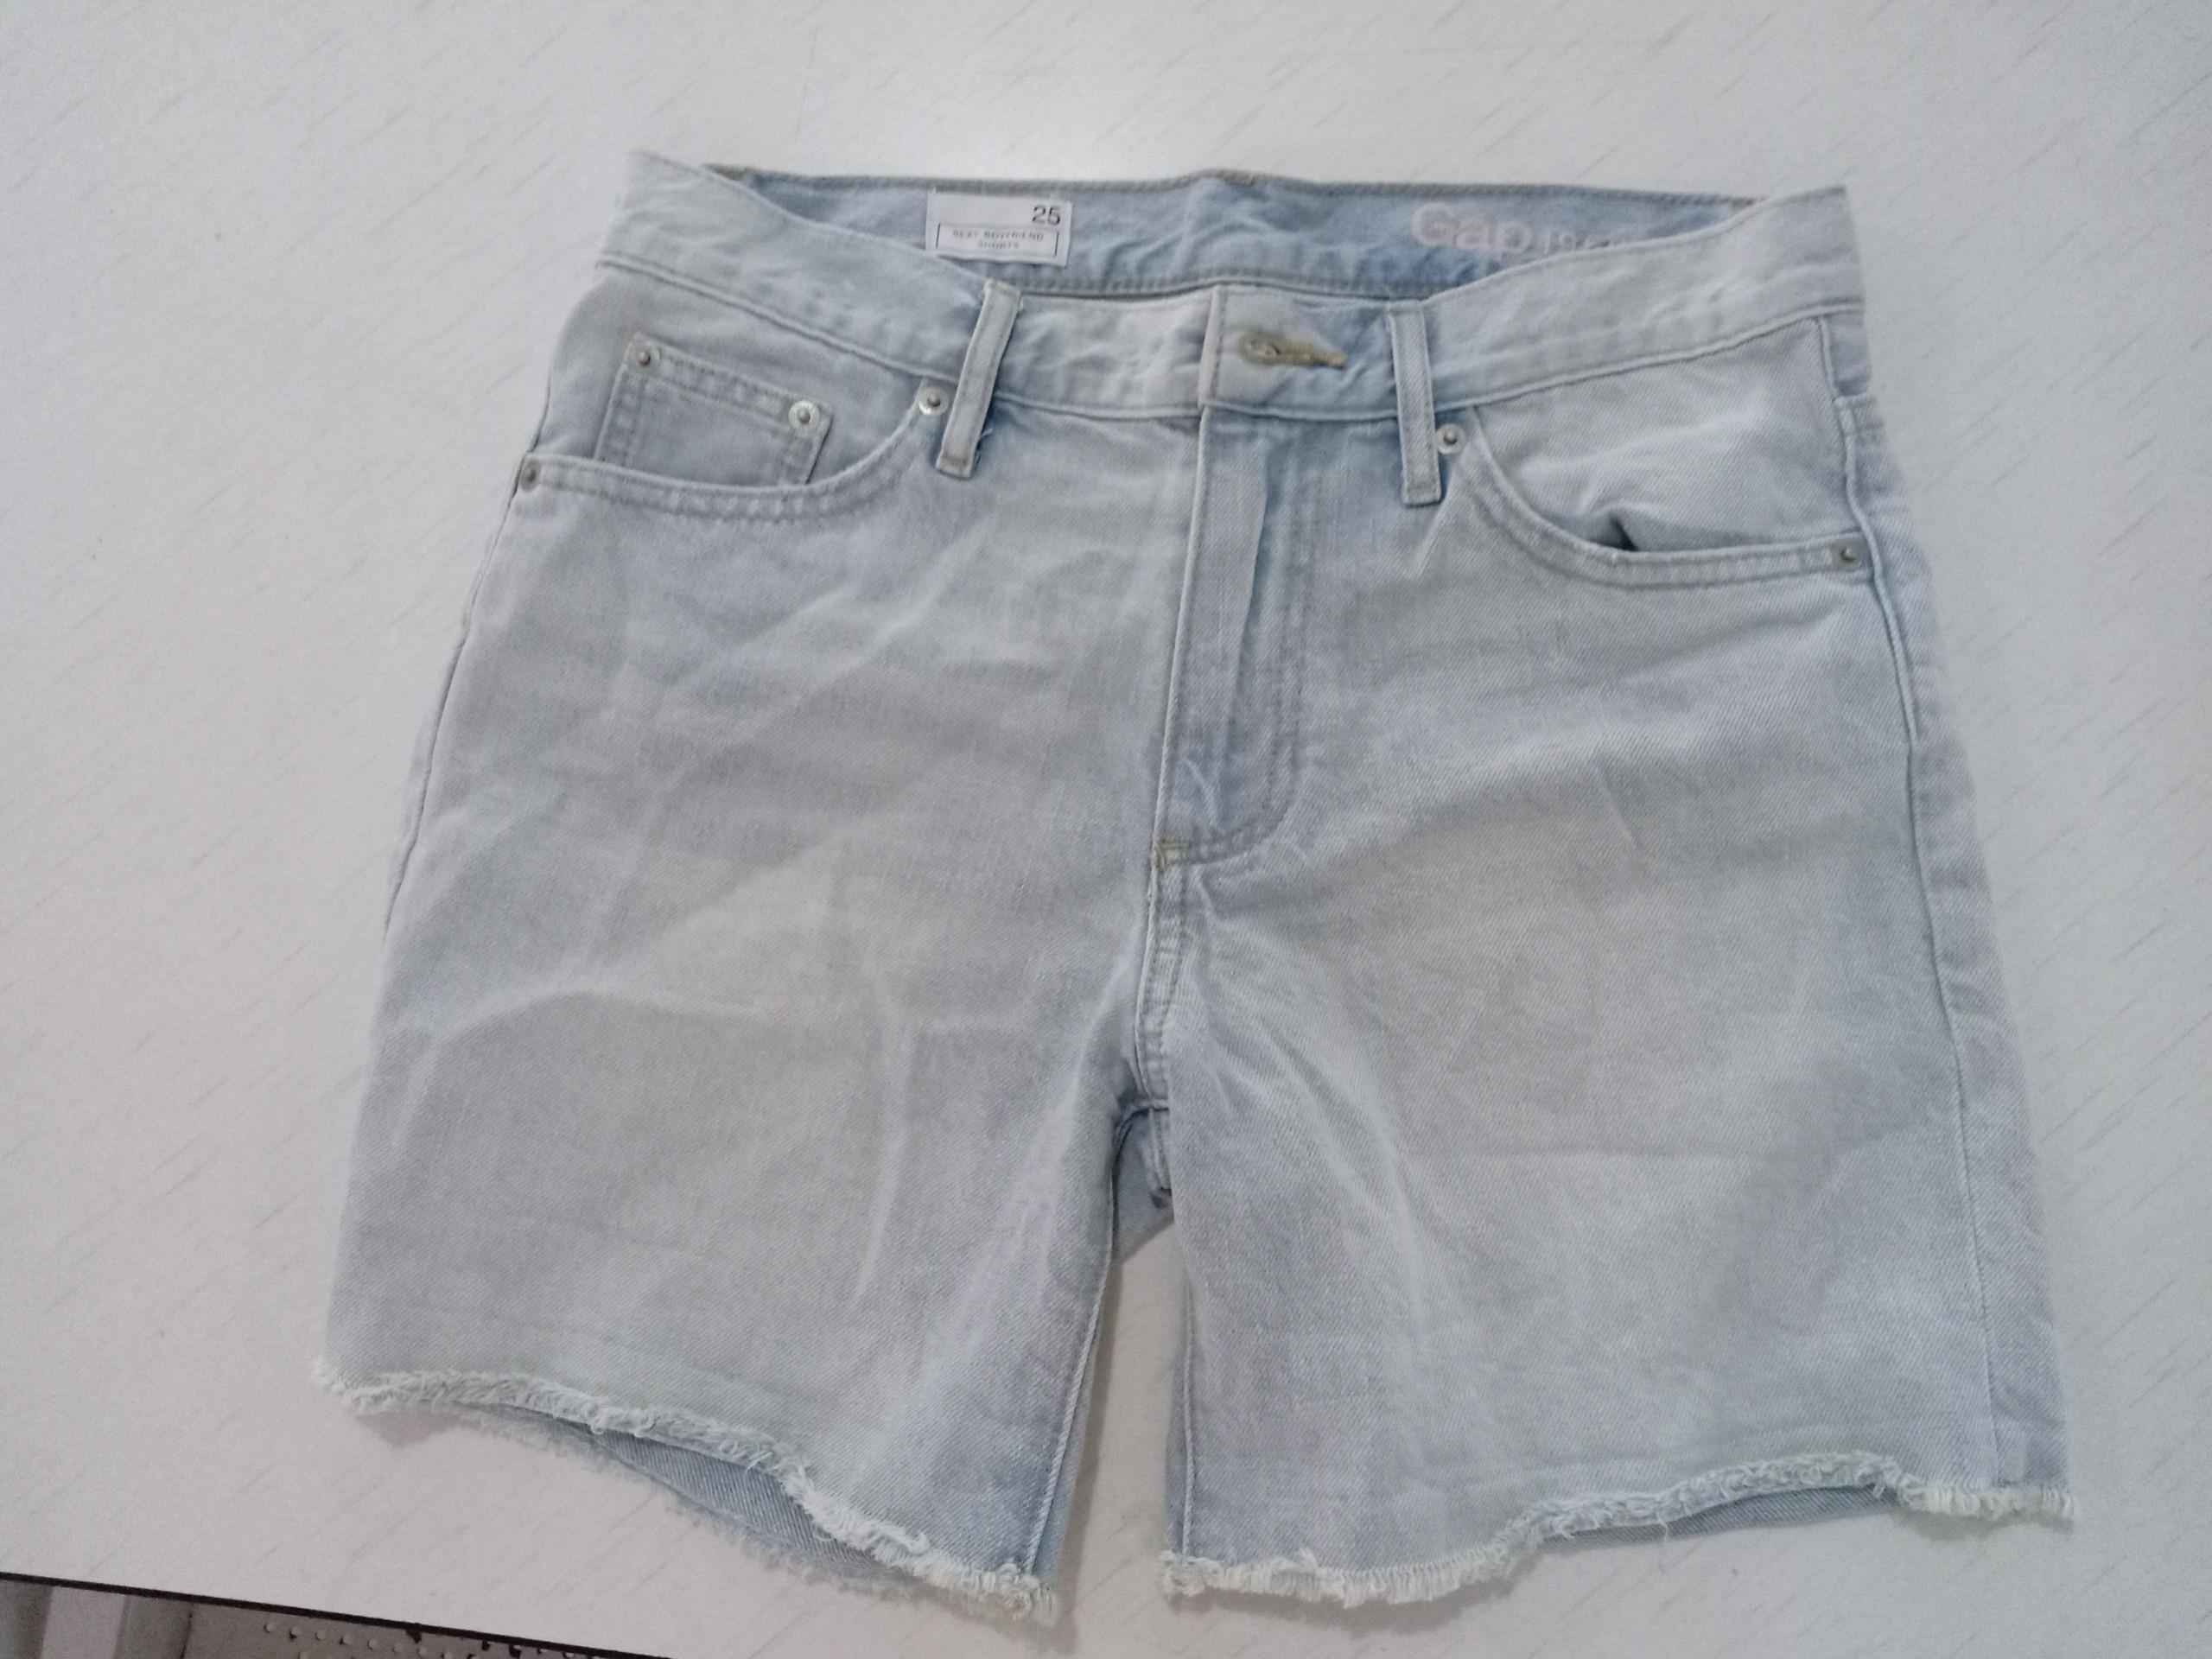 945de967ea7a Home · Women's Fashion · Clothes · Pants, Jeans & Shorts. photo photo photo  photo photo